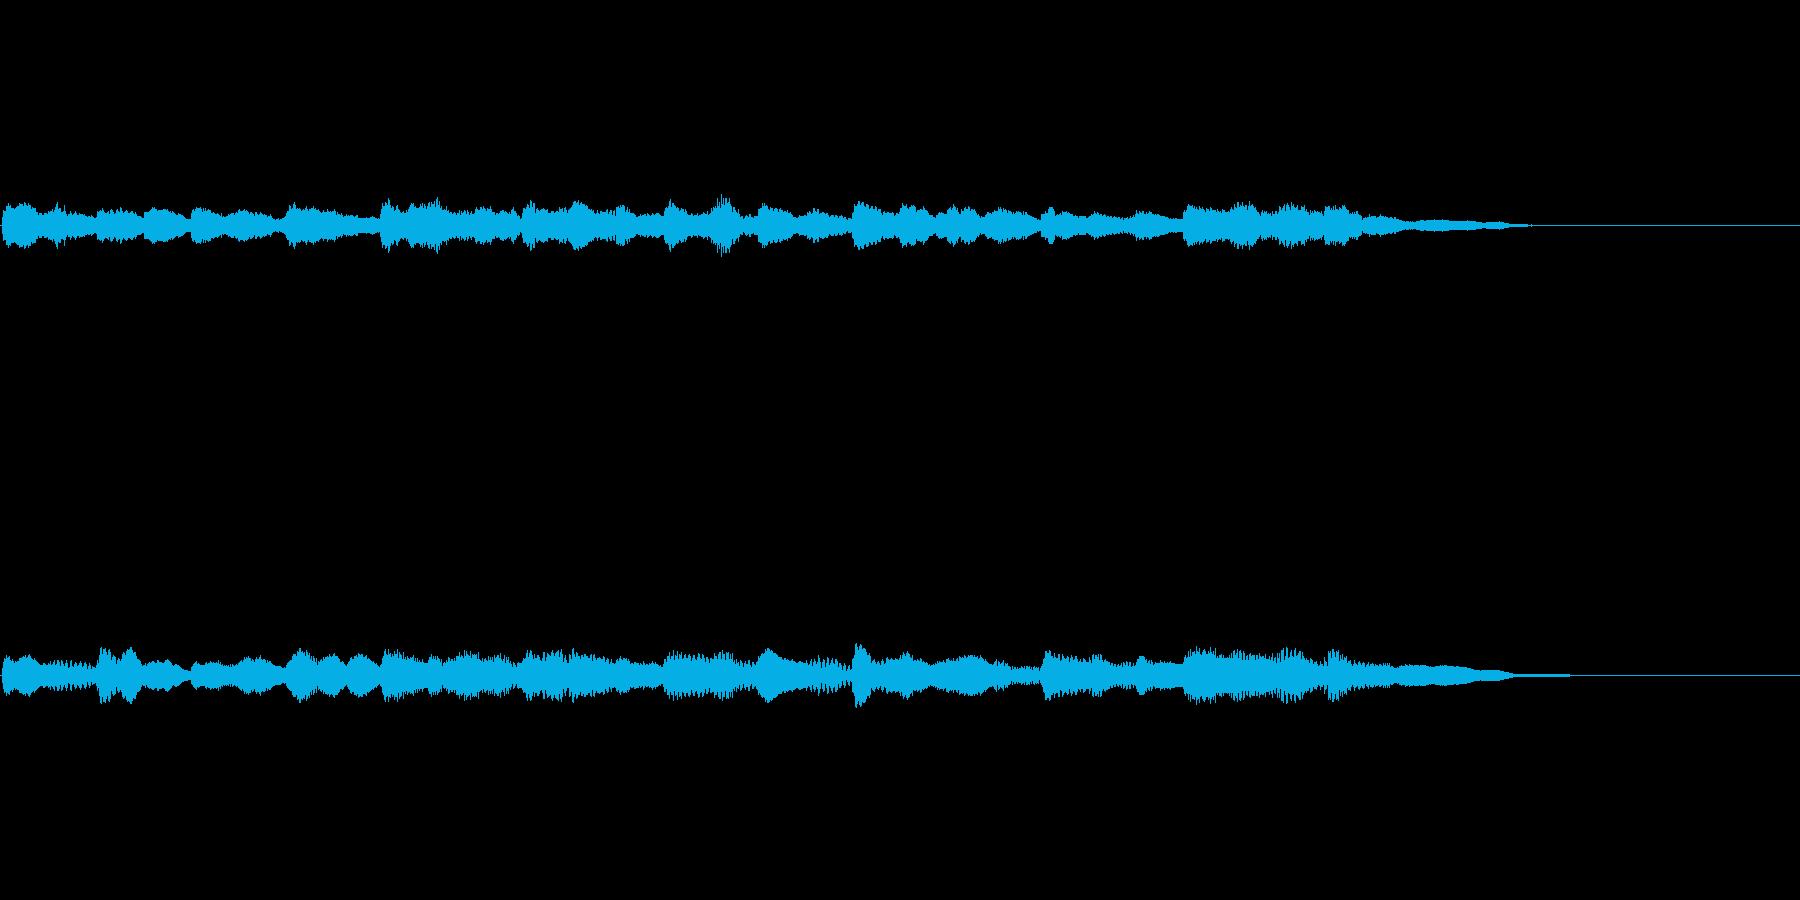 電車発車ジングルです。の再生済みの波形